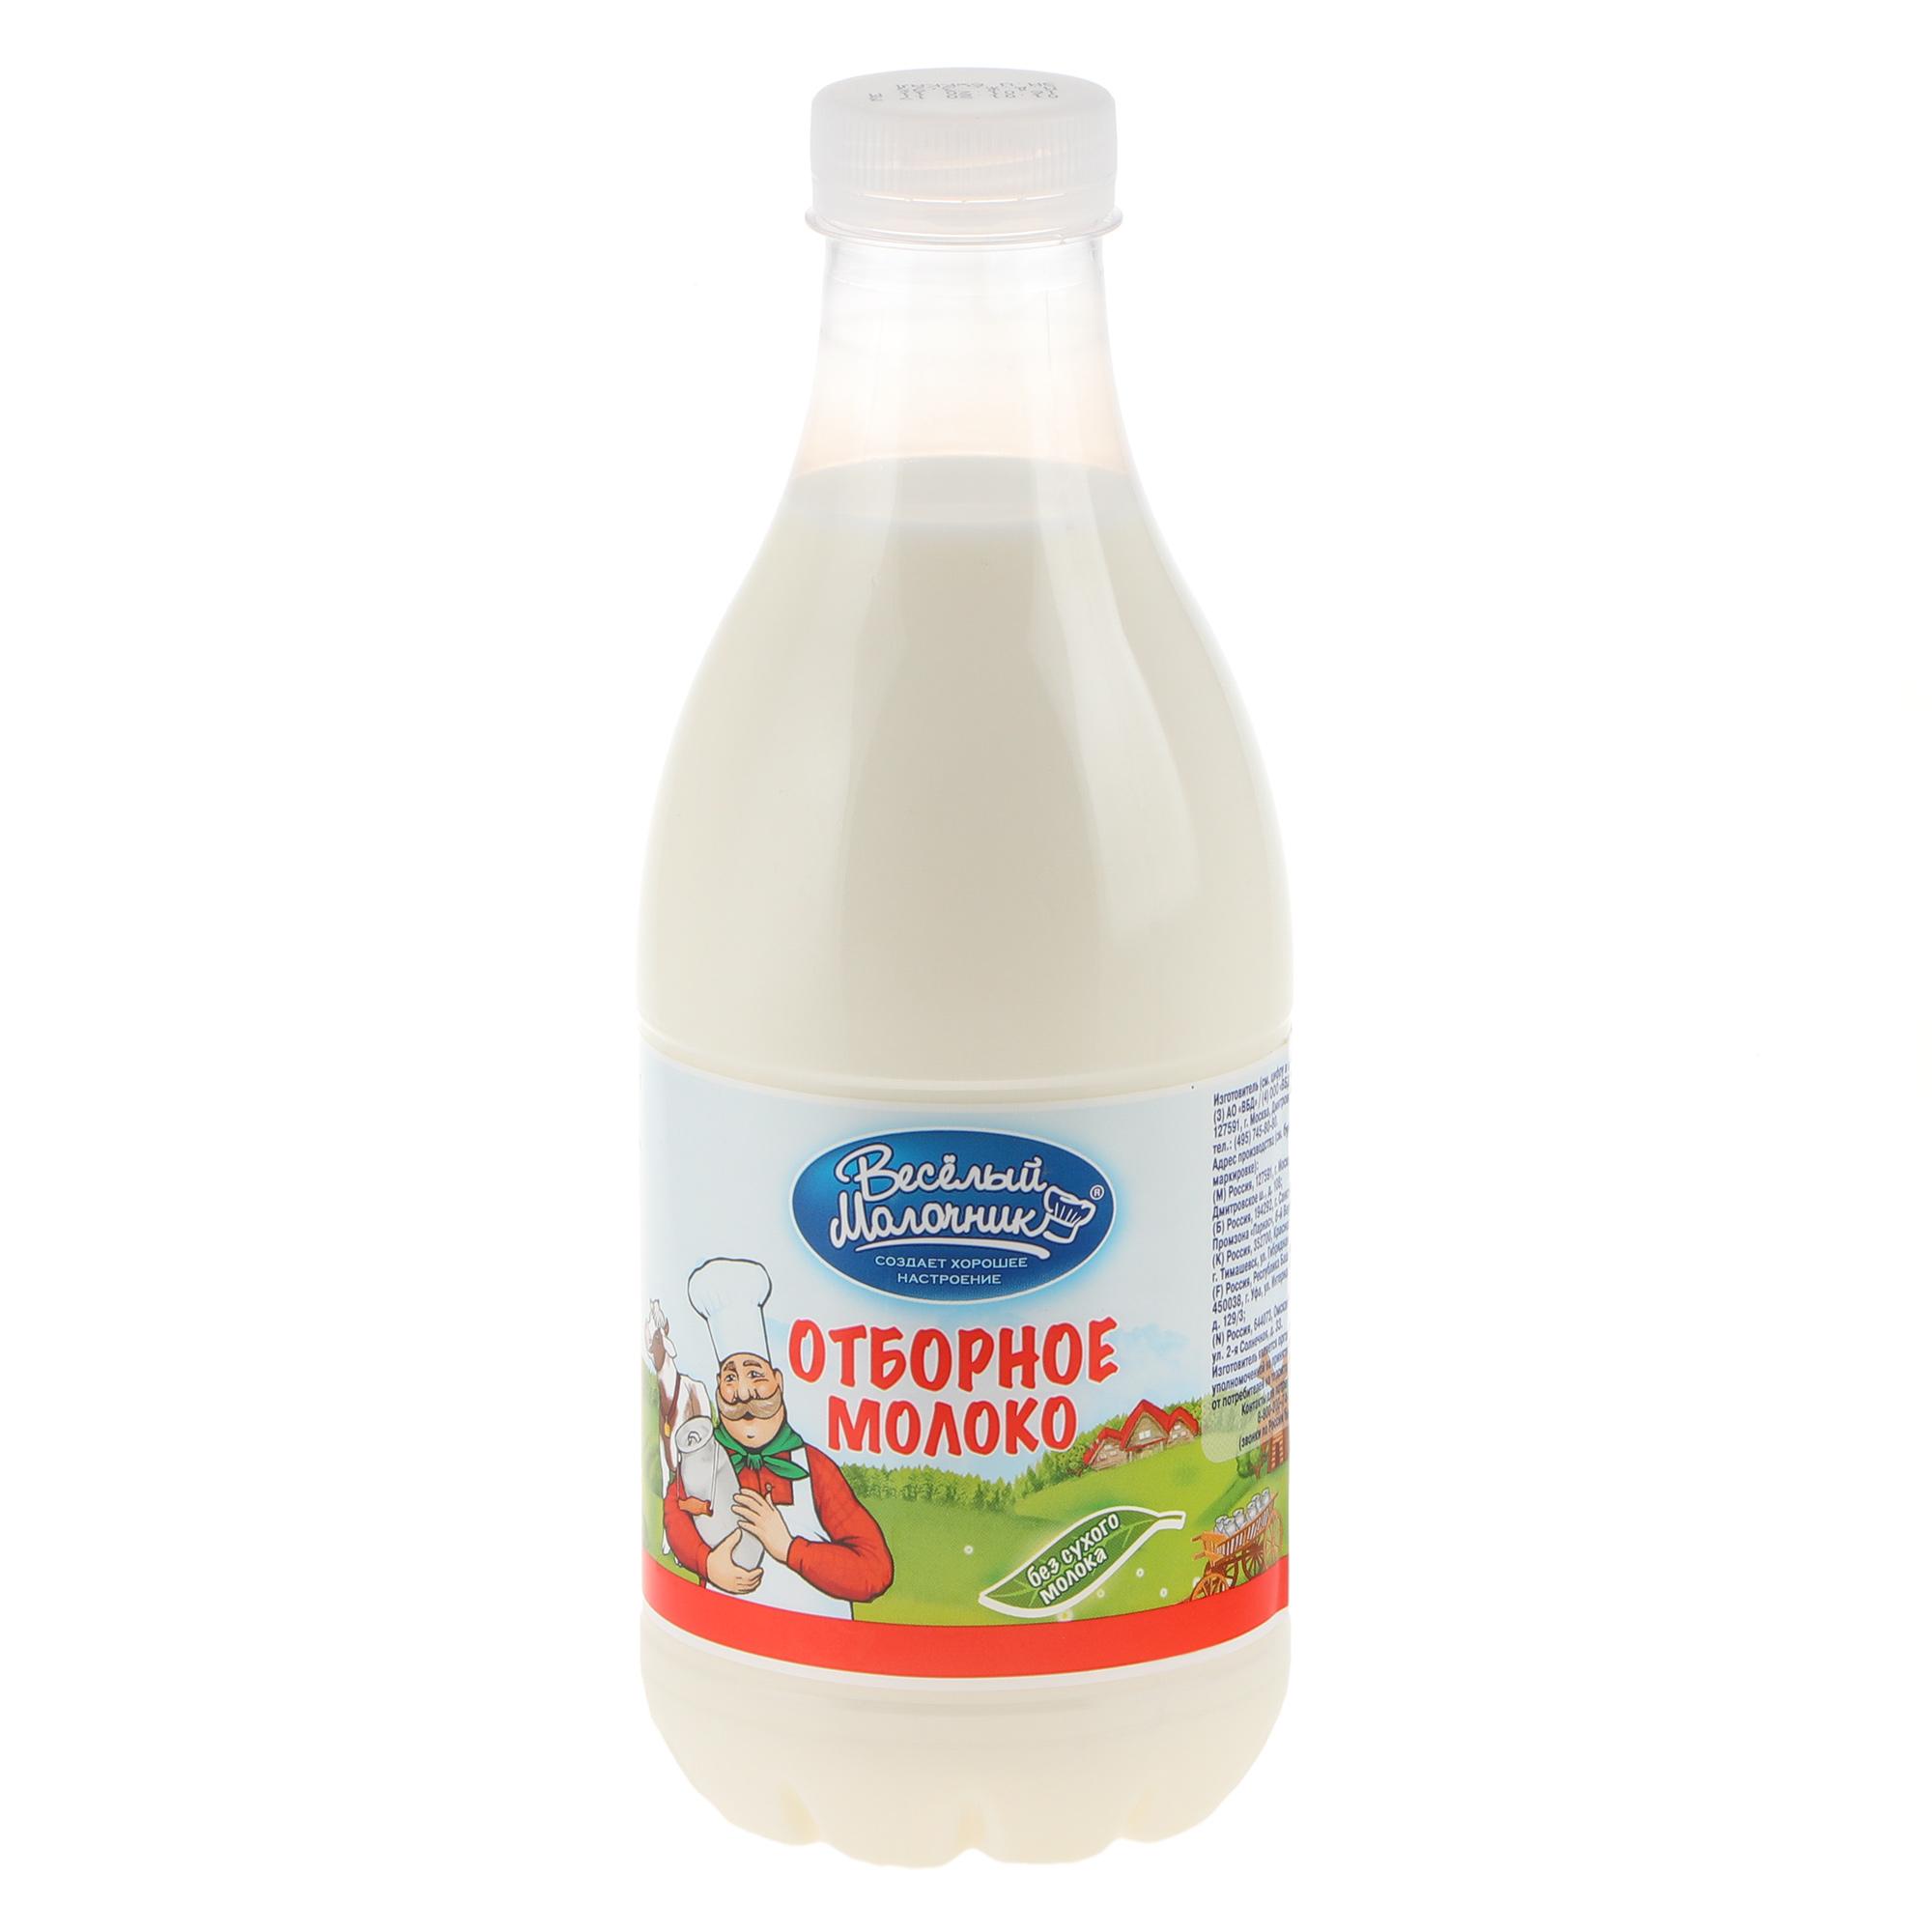 Молоко пастеризованное Веселый молочник 3,5-4,5% 930 мл